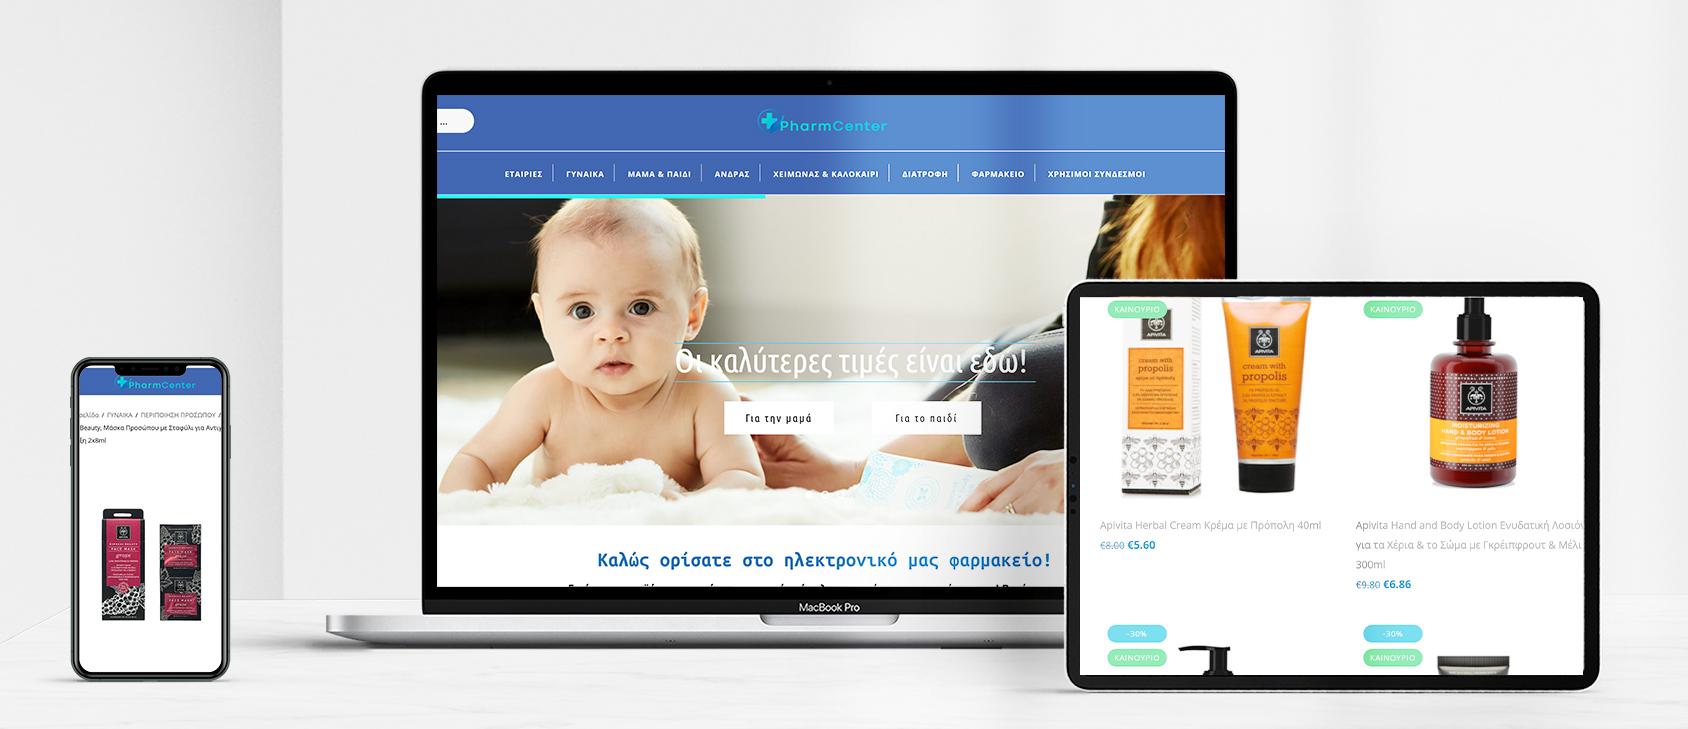 Ηλεκτρονικό Φαρμακείο στο Ηράκλειο Κρήτης - pharmcenter.gr